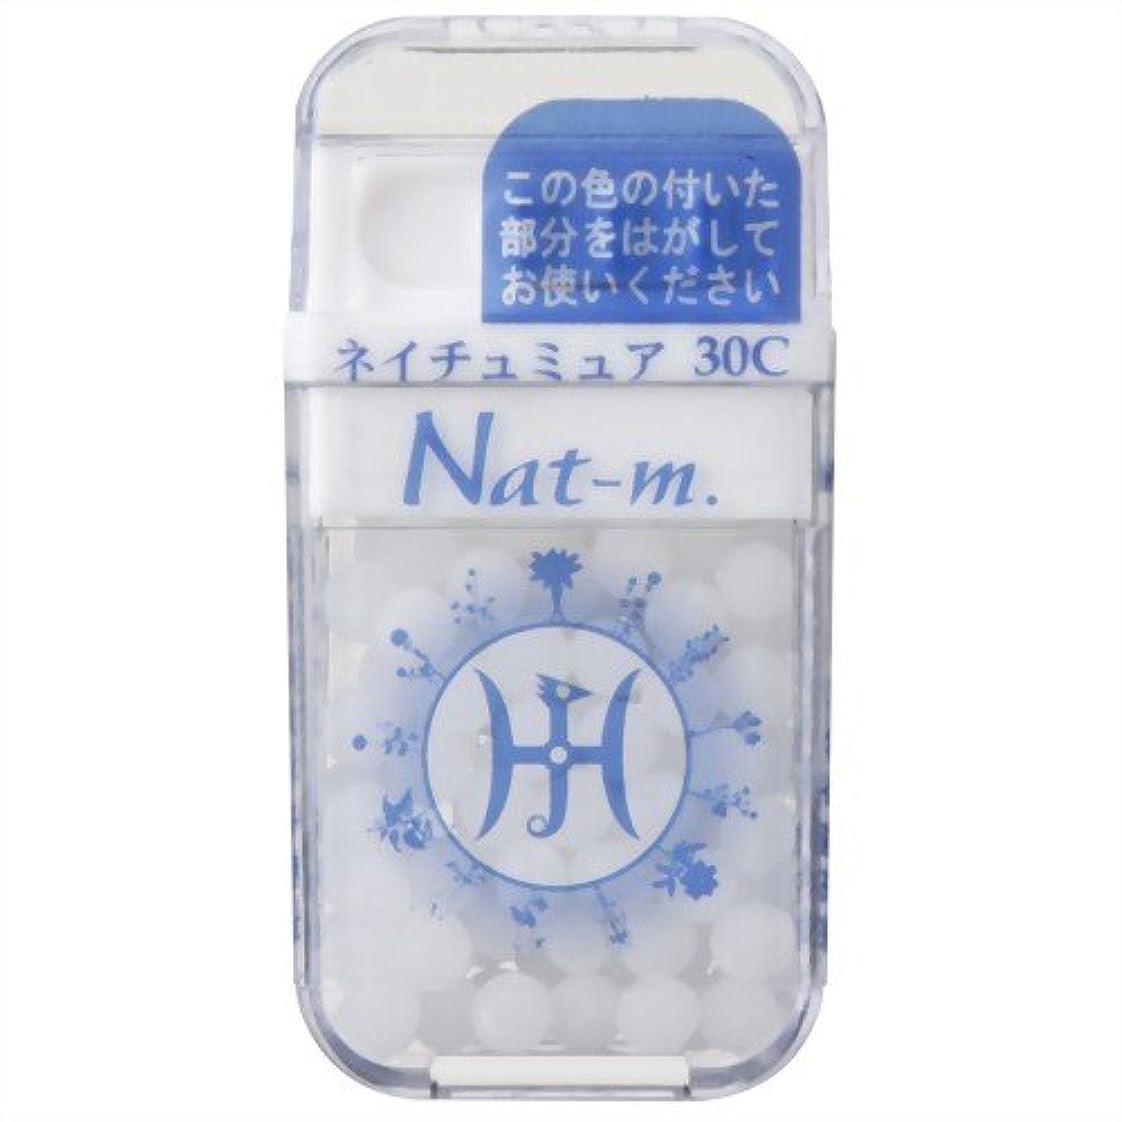 他のバンドで愛人幾何学ホメオパシージャパンレメディー Nat-m.  ネイチュミュア 30C (大ビン)